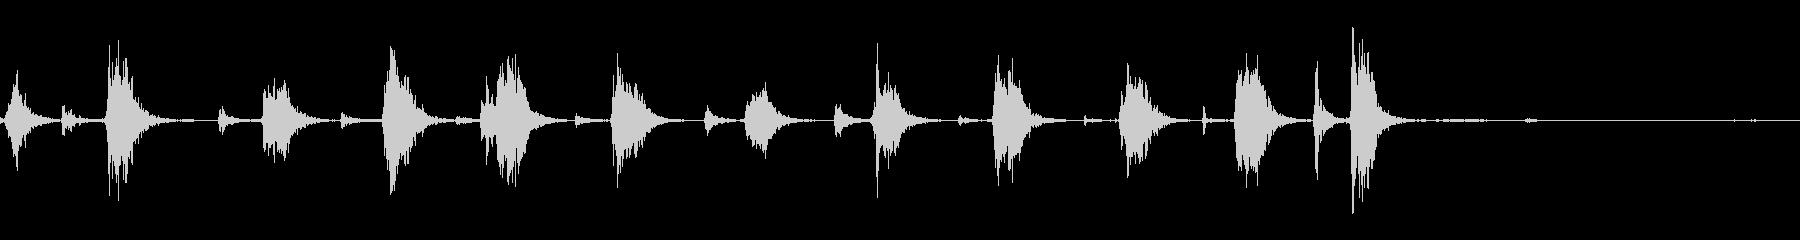 KARATEclass_叫び声とG...の未再生の波形